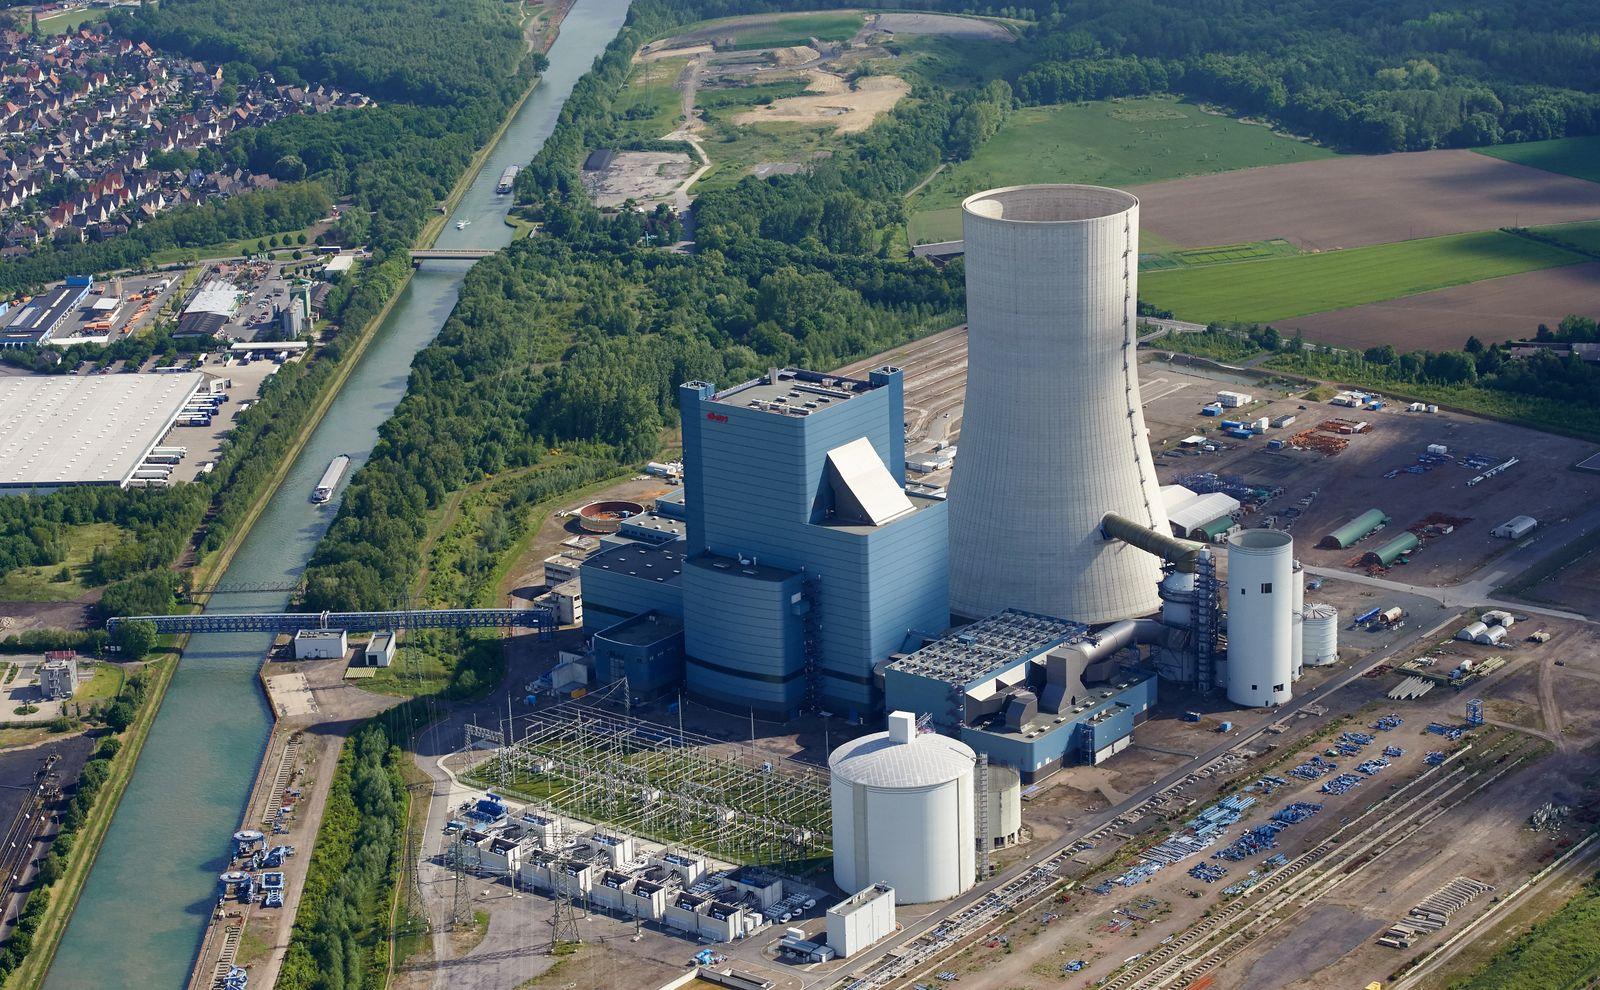 Eopn / Kraftwerk / Industrie